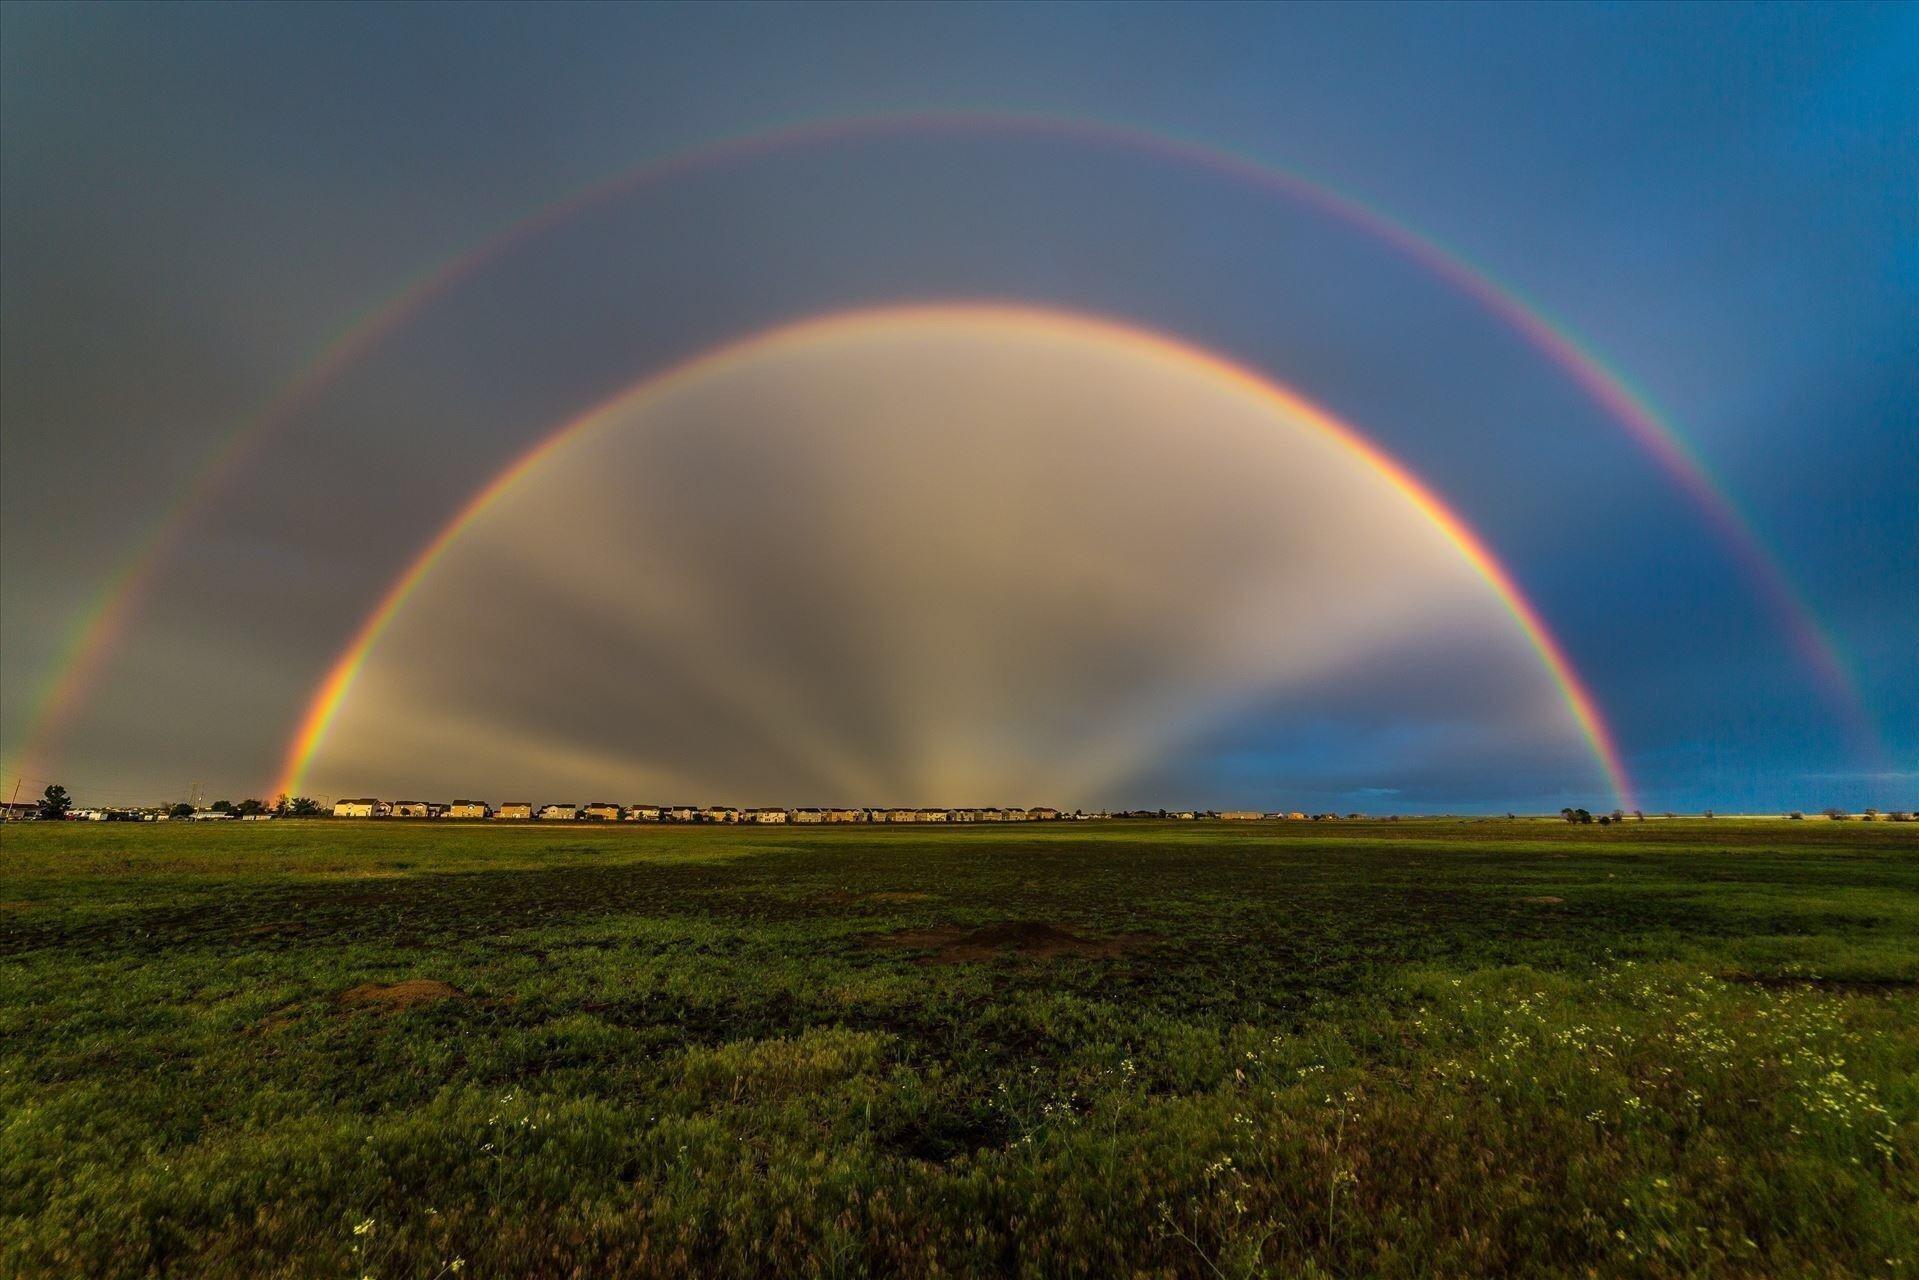 красивые виды радуги фото планируете заняться активным